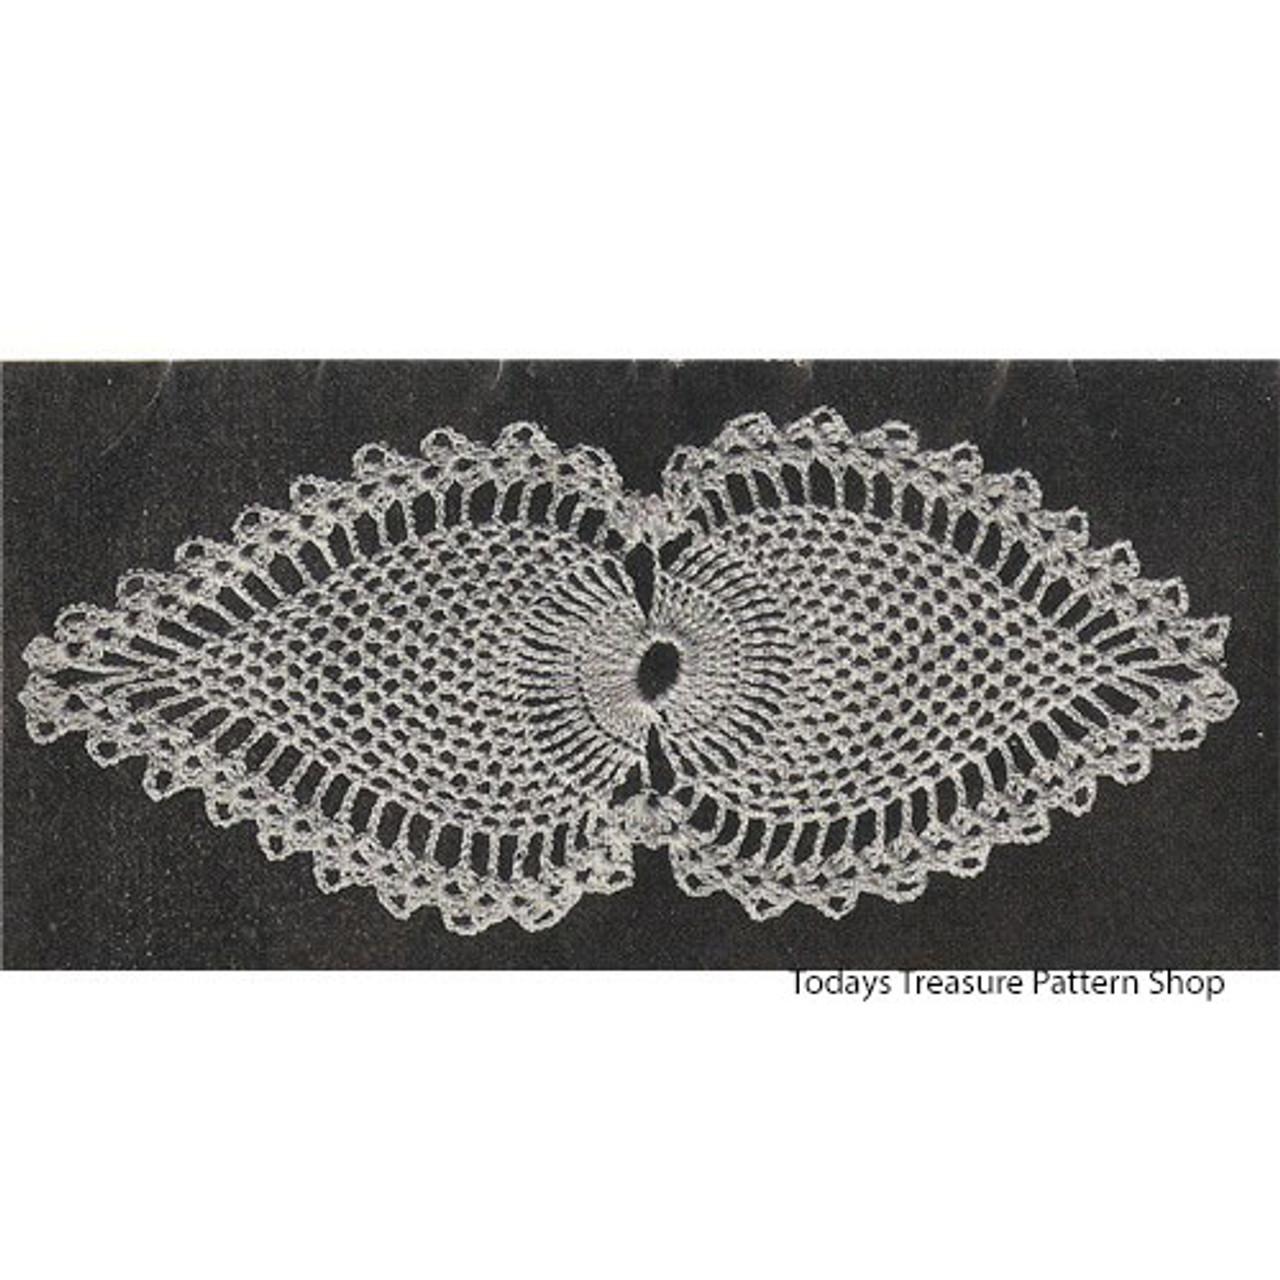 Crochet Pineapple Motif pattern